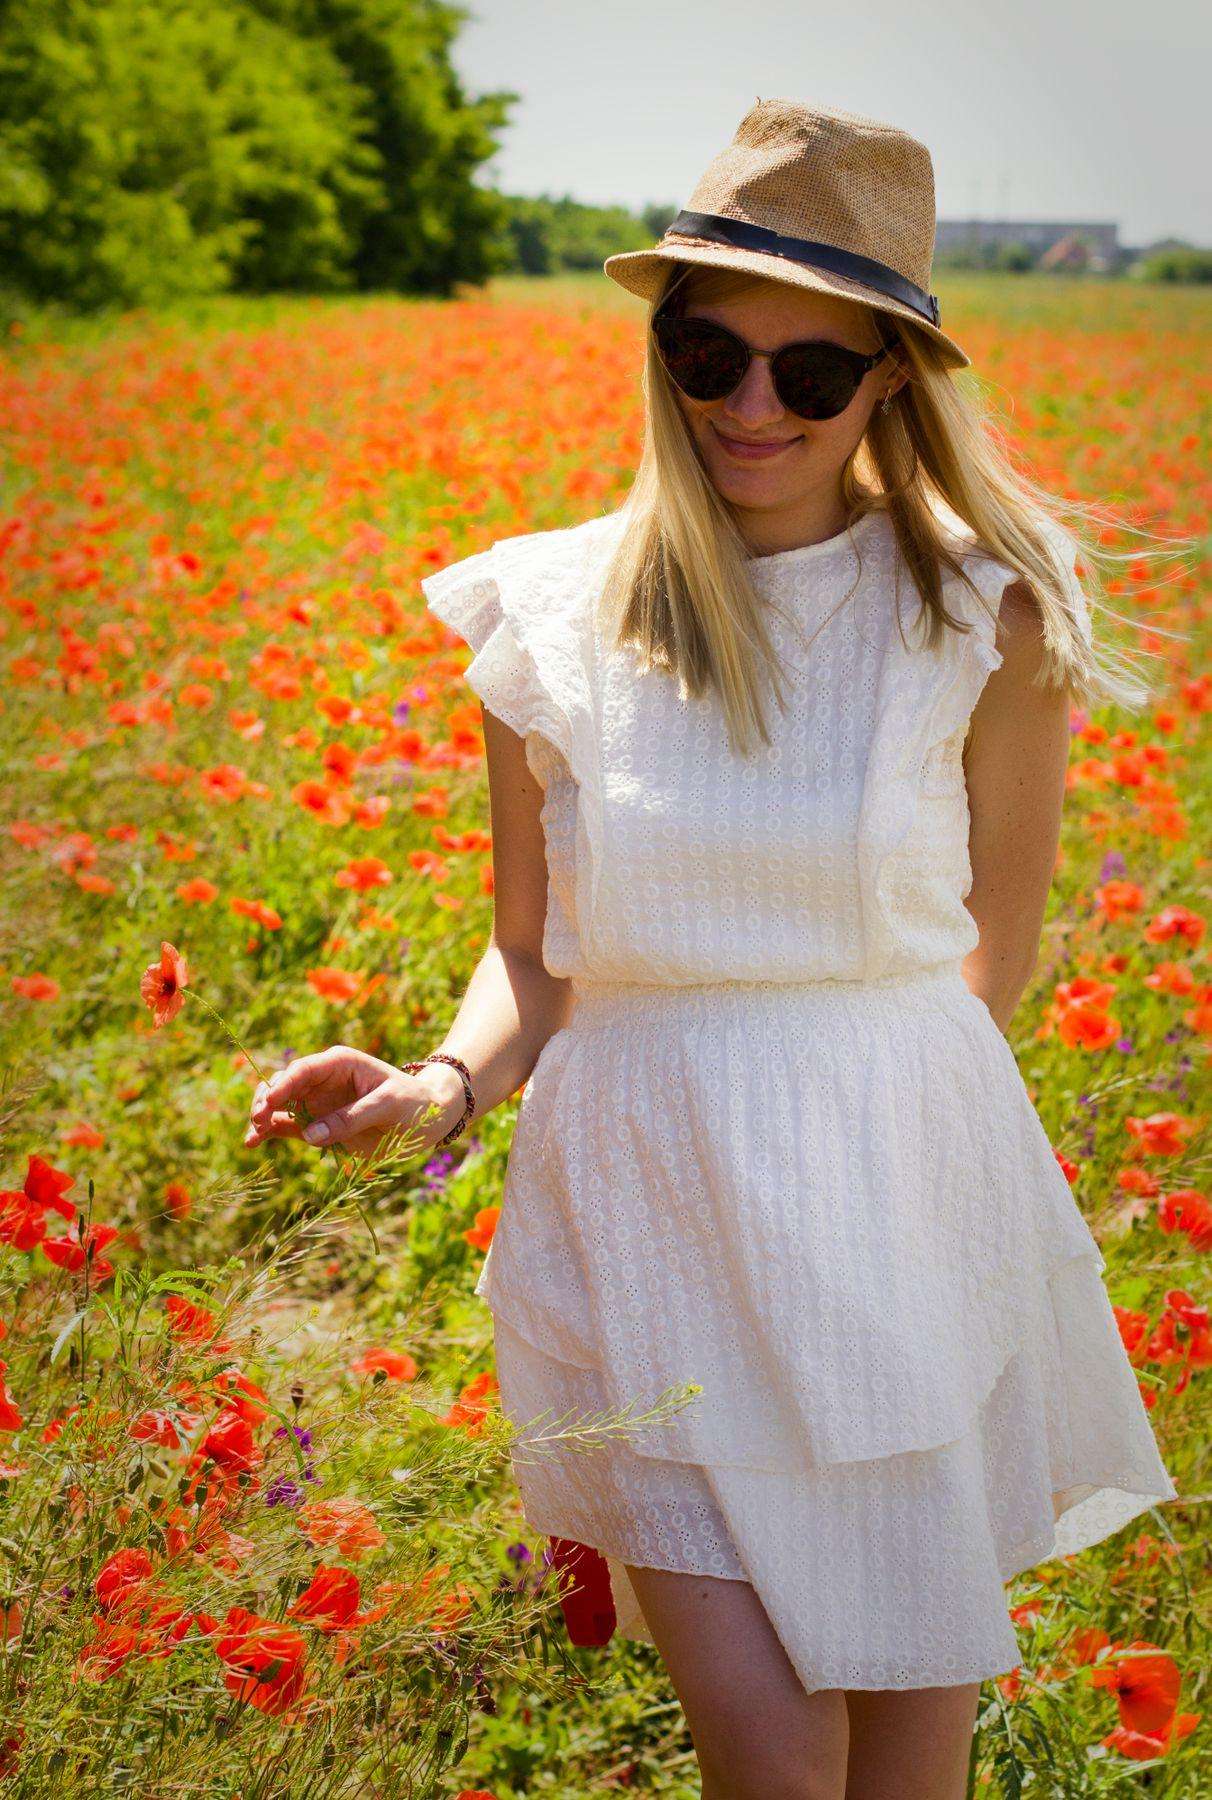 Маки Маковое поле девушка солнечный день цветущие цветы